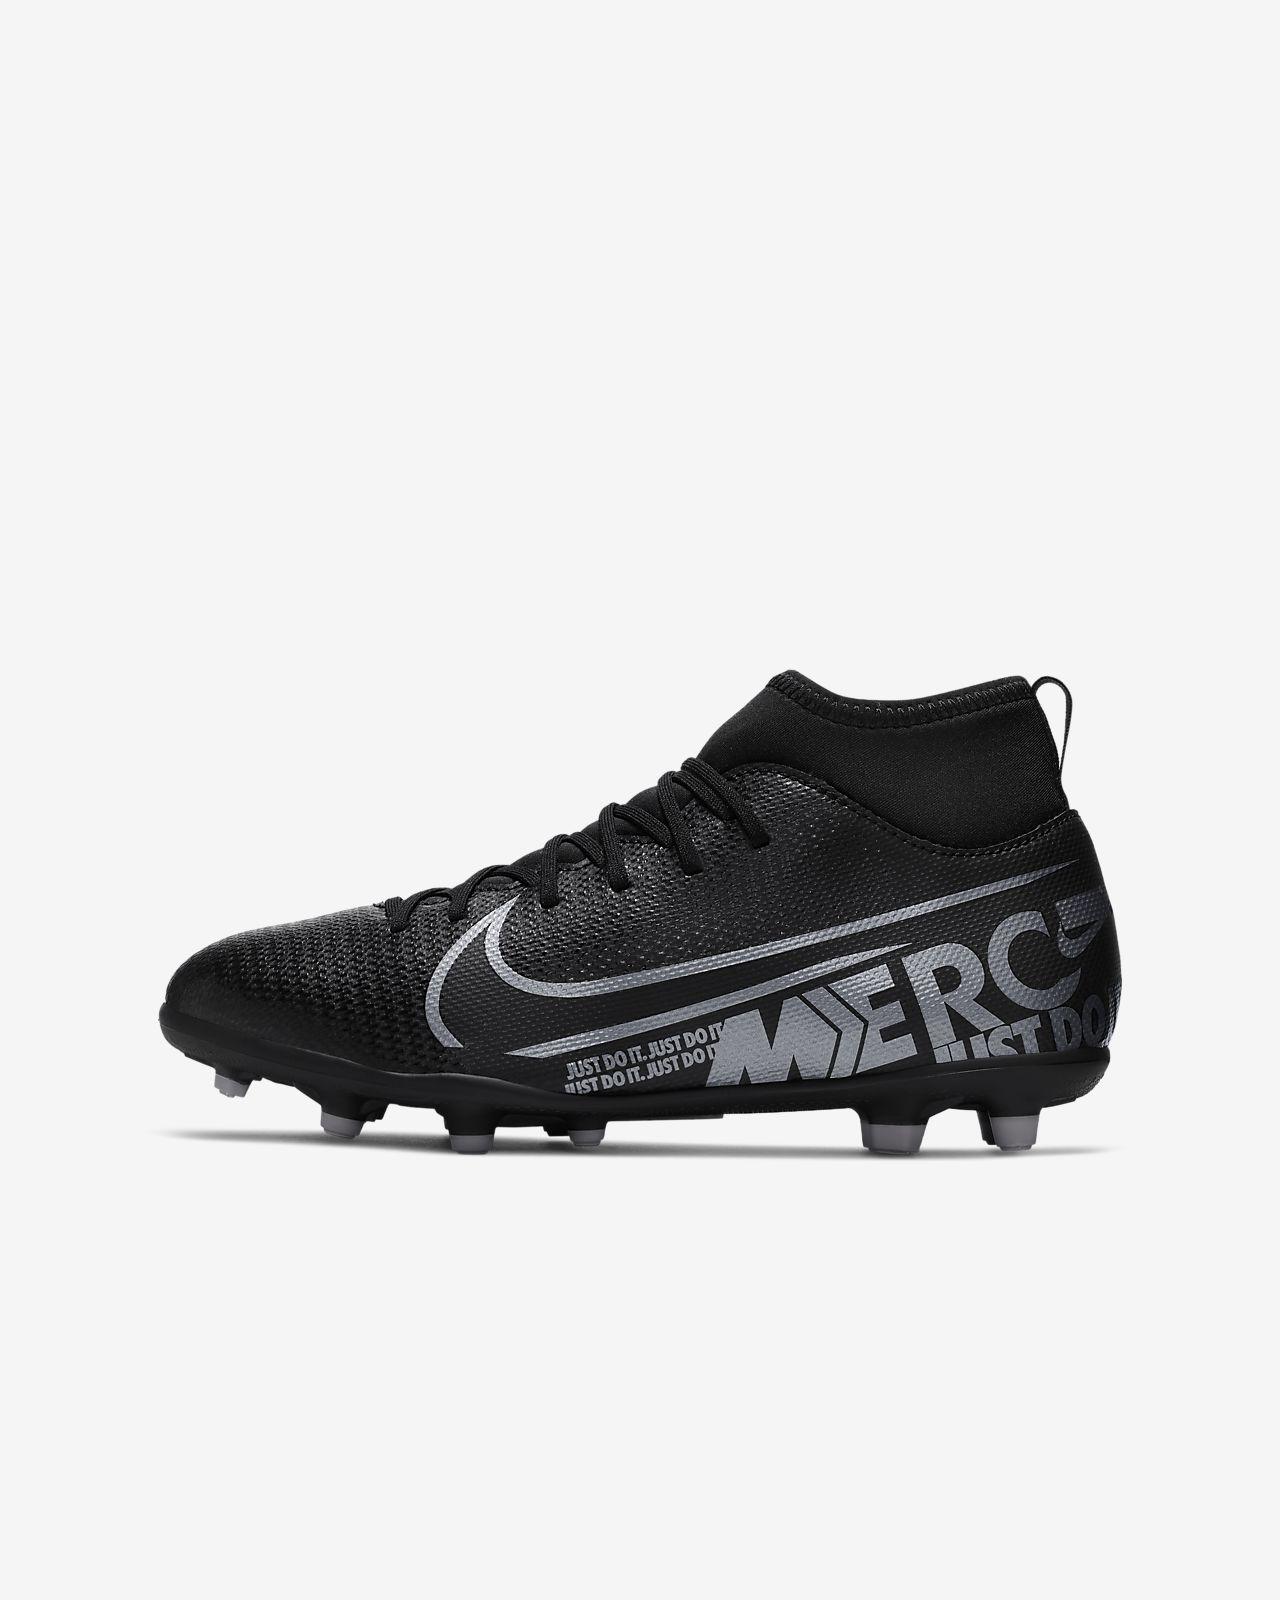 Fotbollssko för varierat underlag Nike Jr. Mercurial Superfly 7 Club MG för barn/ungdom